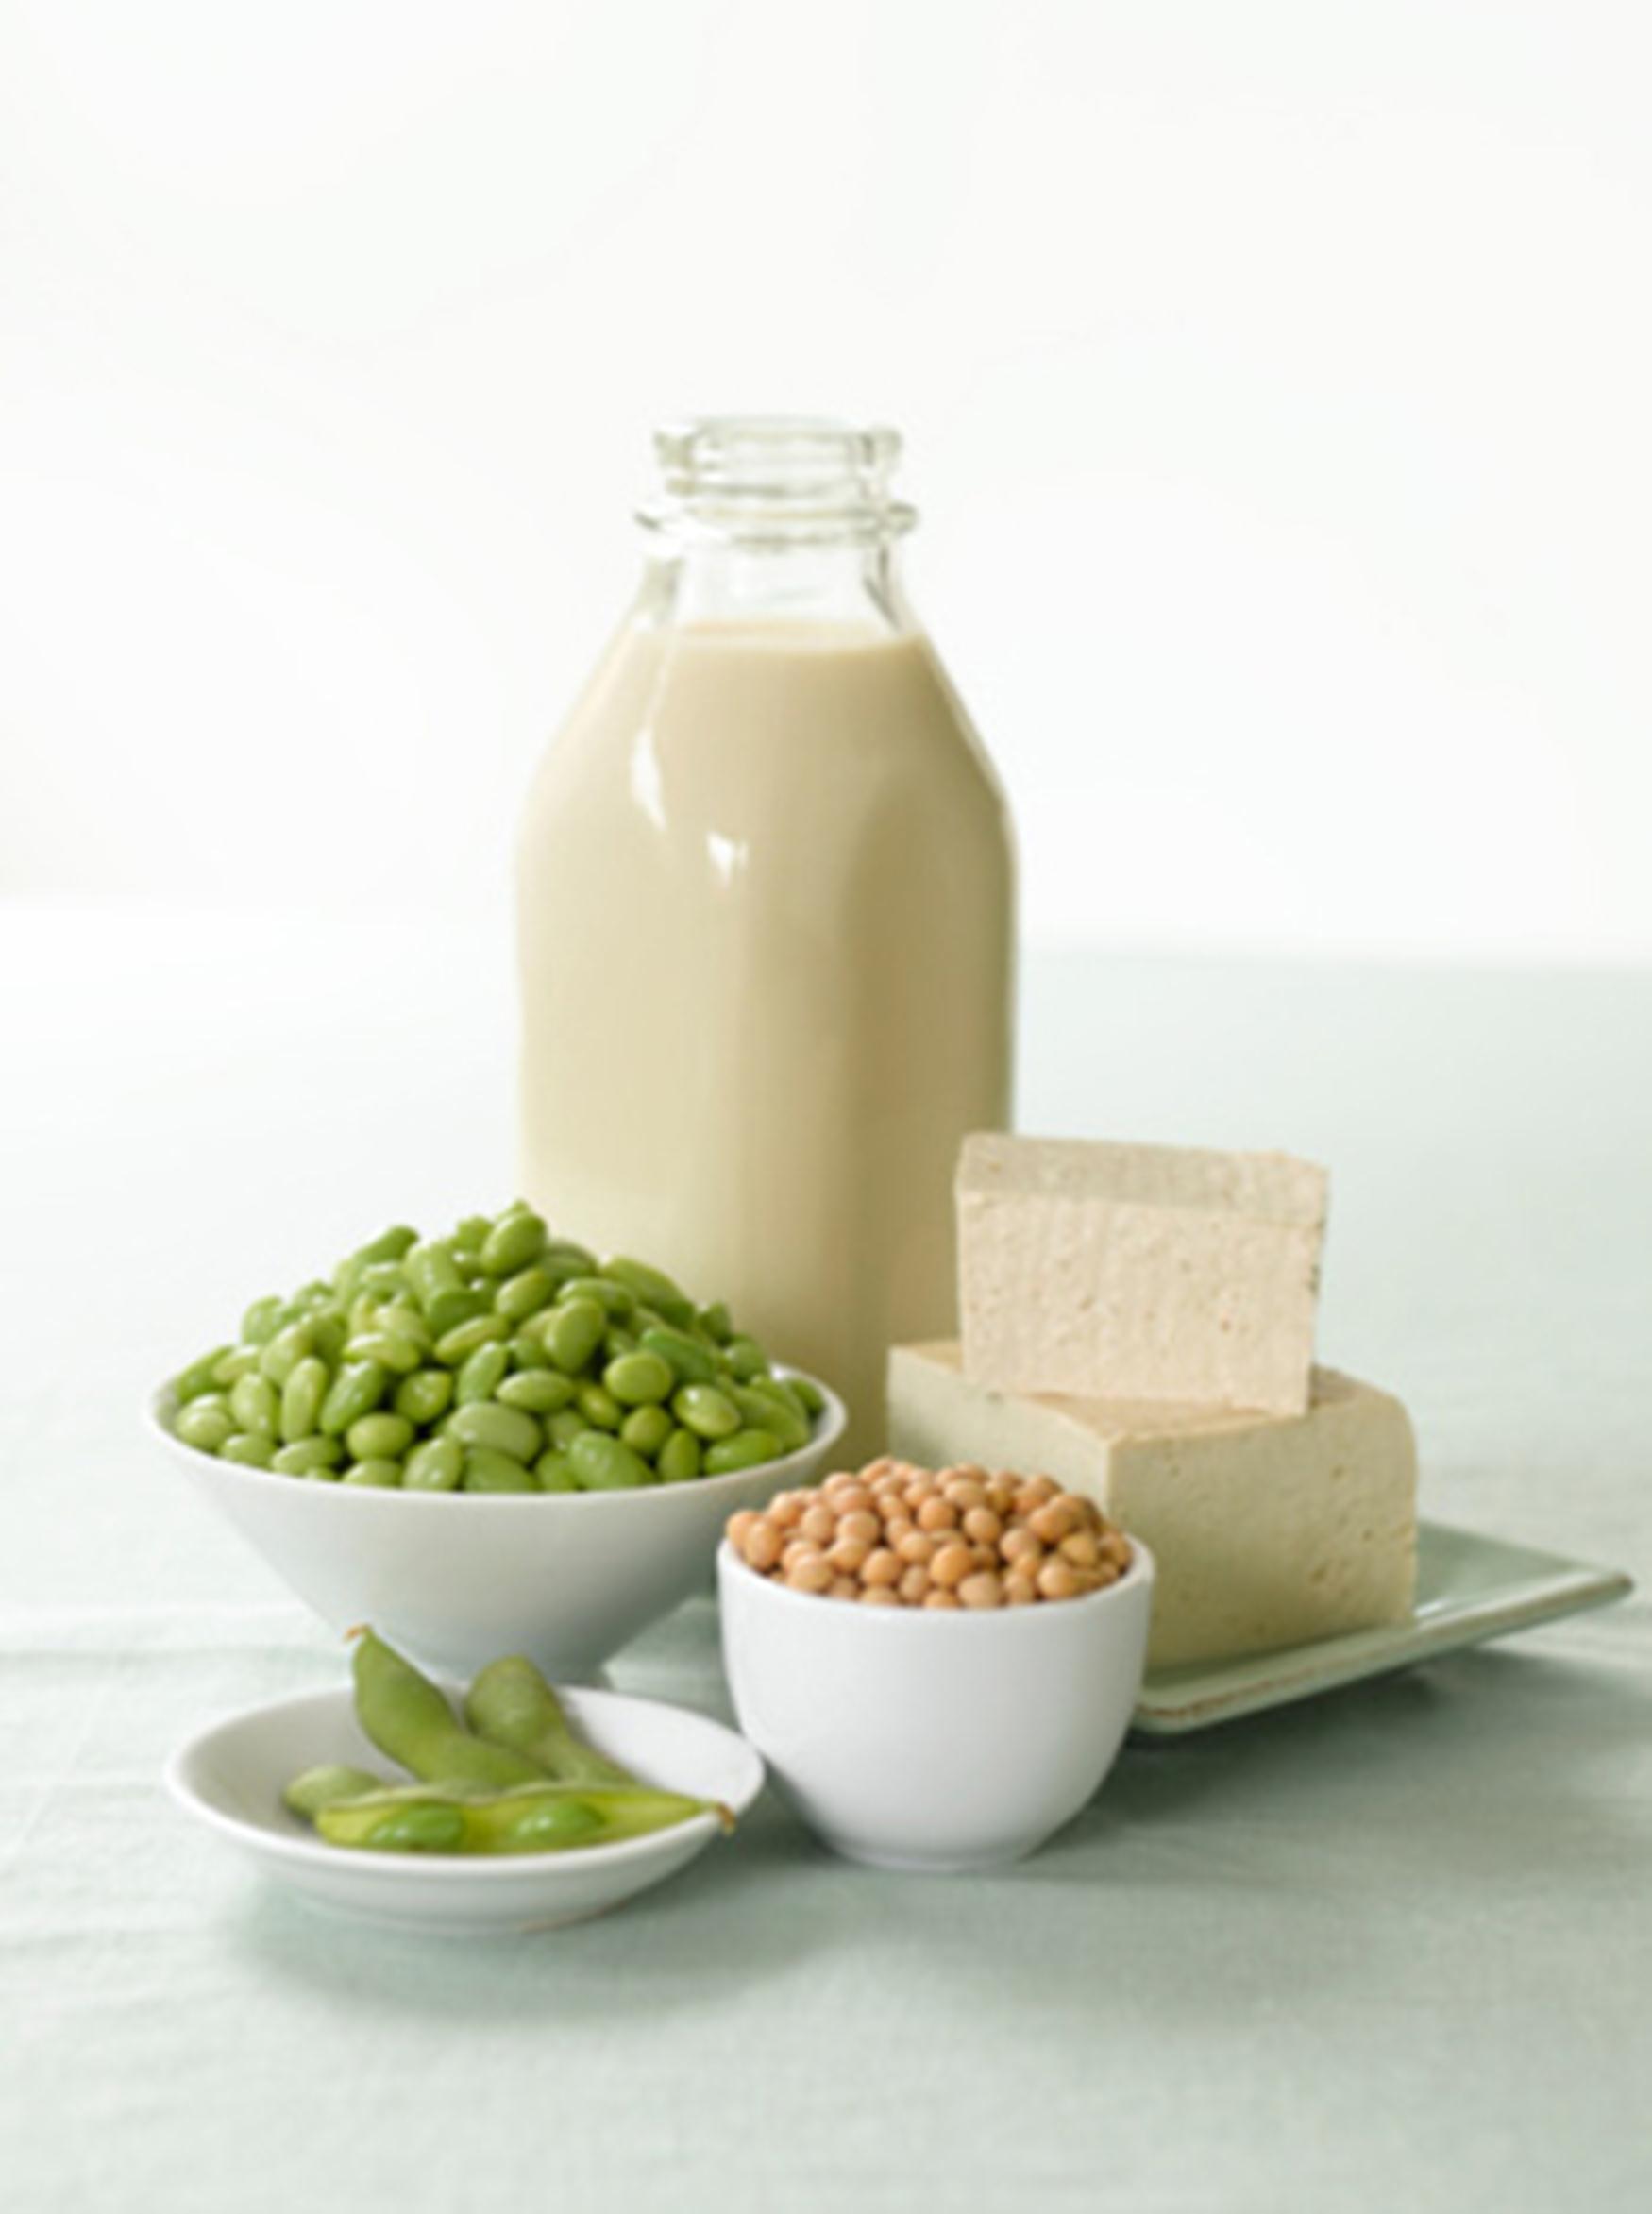 Làm đẹp da với 6 loại thực phẩm giàu collagen